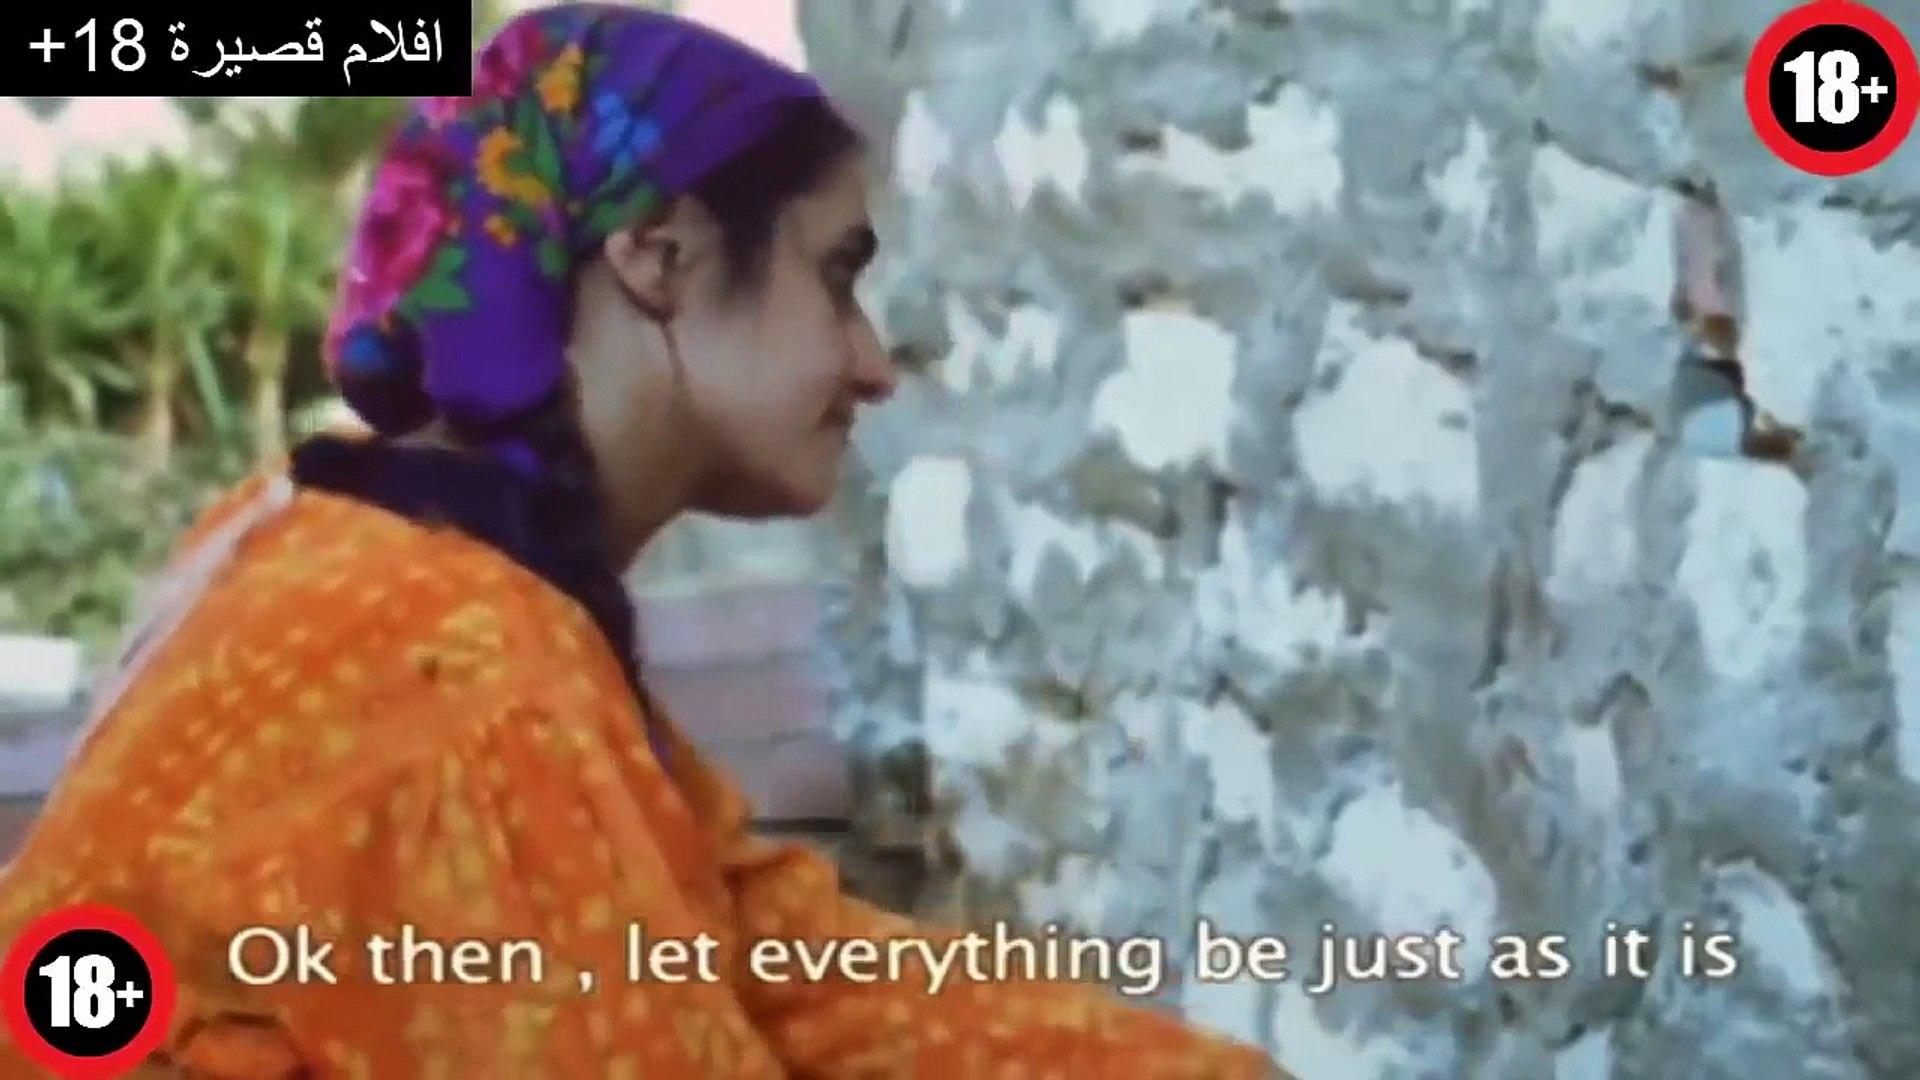 بيت من لحم فيلم مصرى قصير +18 للكبار فقط ممنوع من العرض